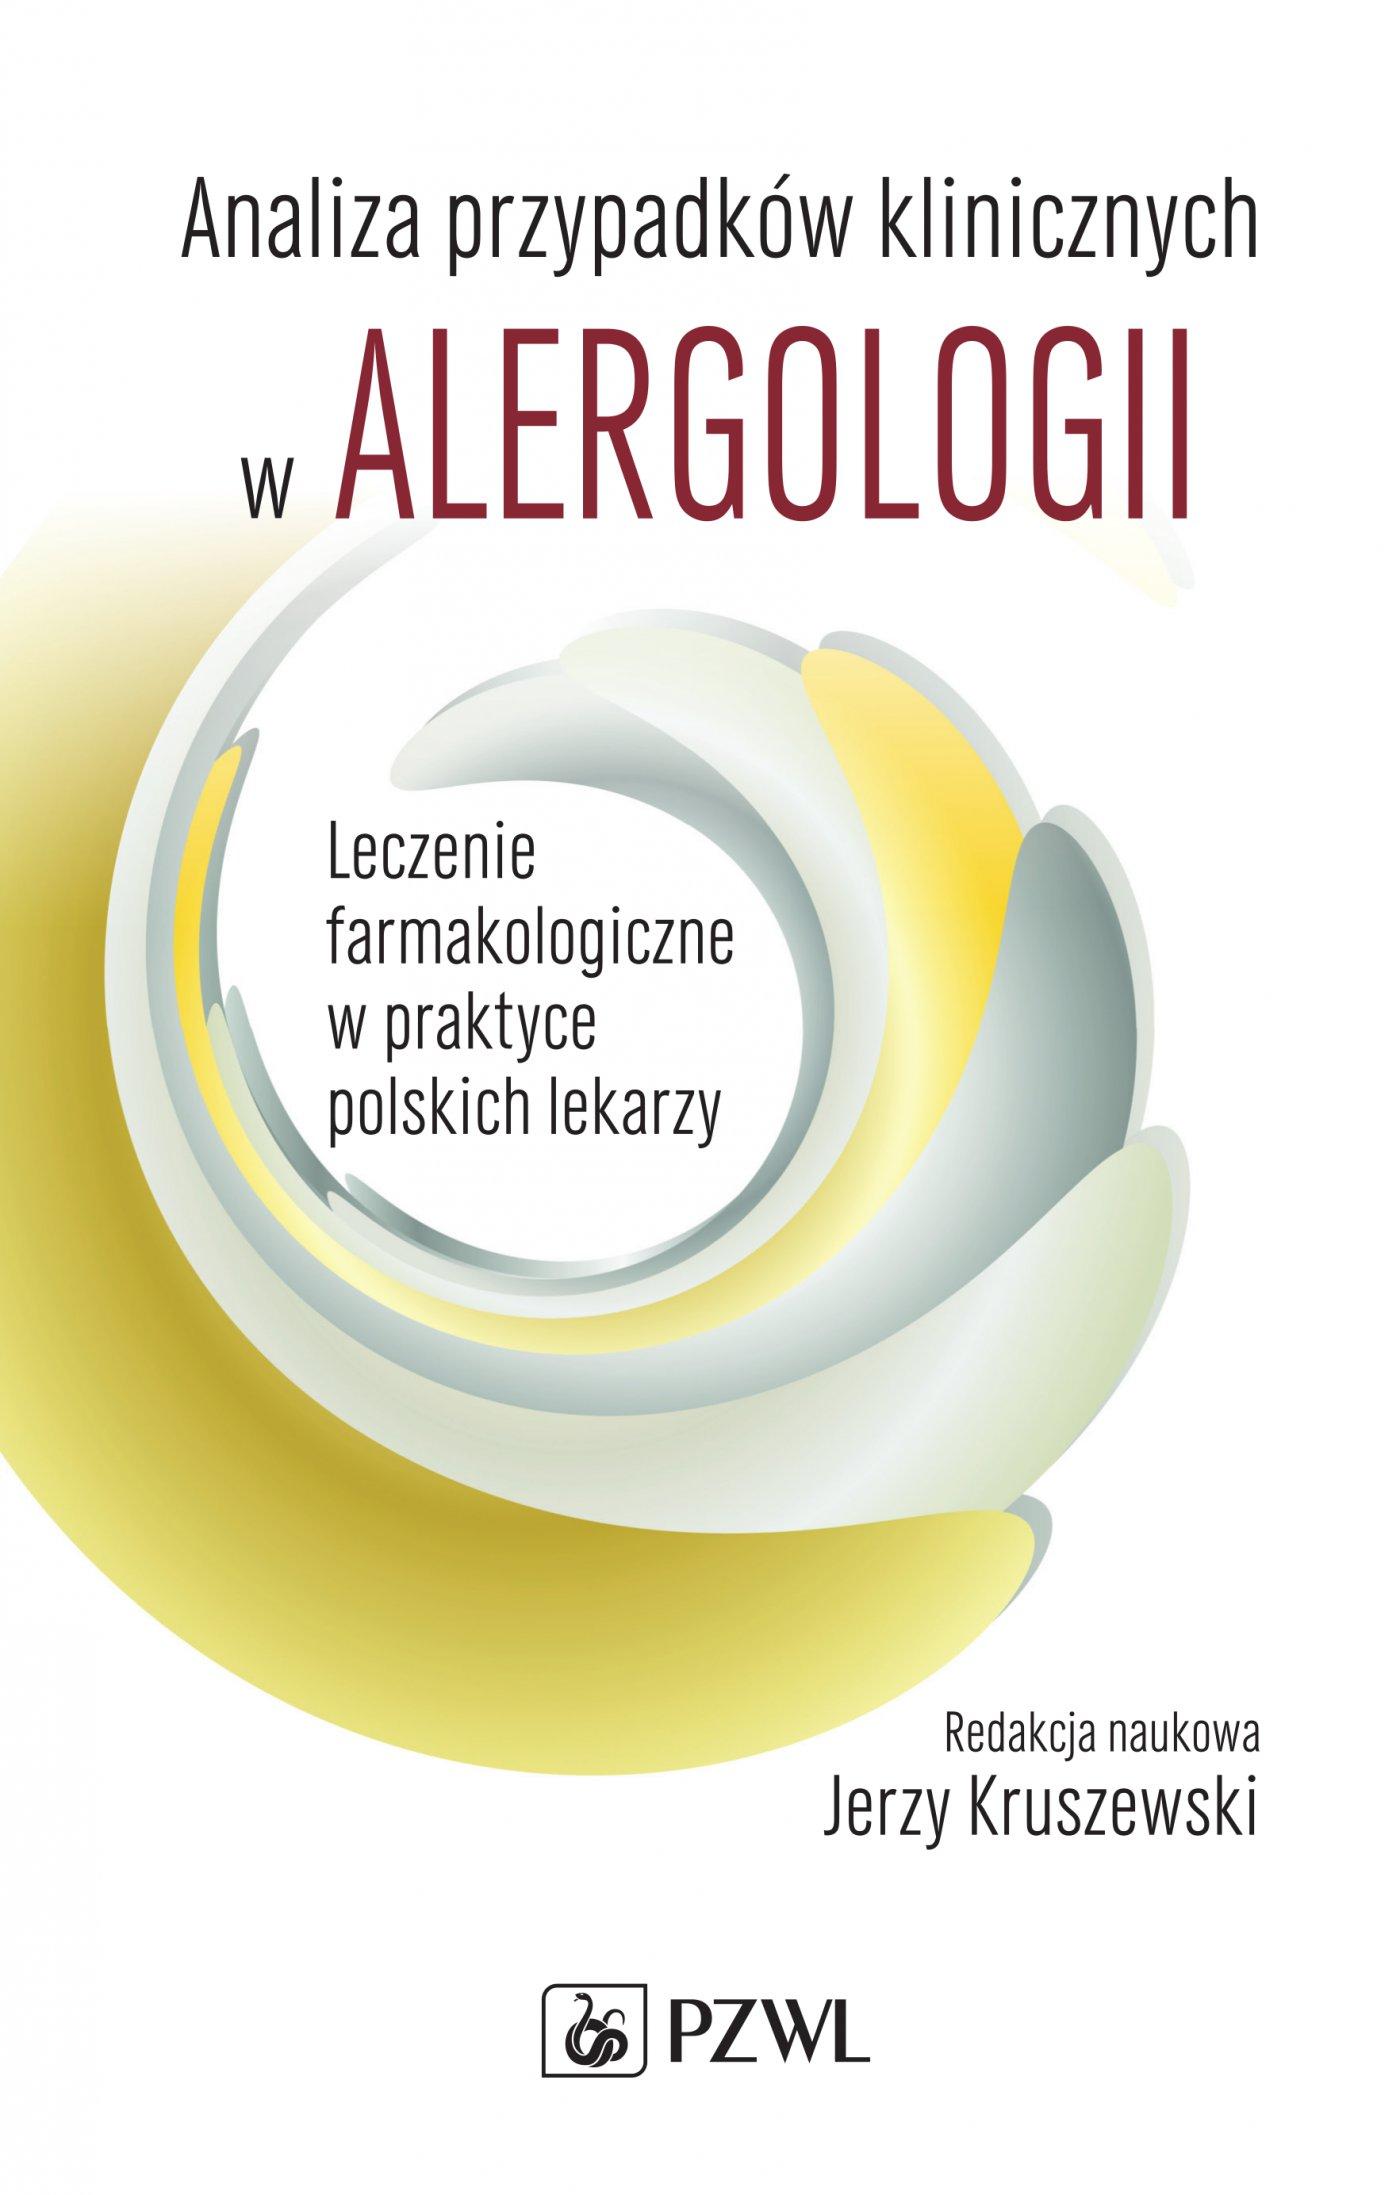 Analiza przypadków klinicznych w alergologii - Ebook (Książka na Kindle) do pobrania w formacie MOBI